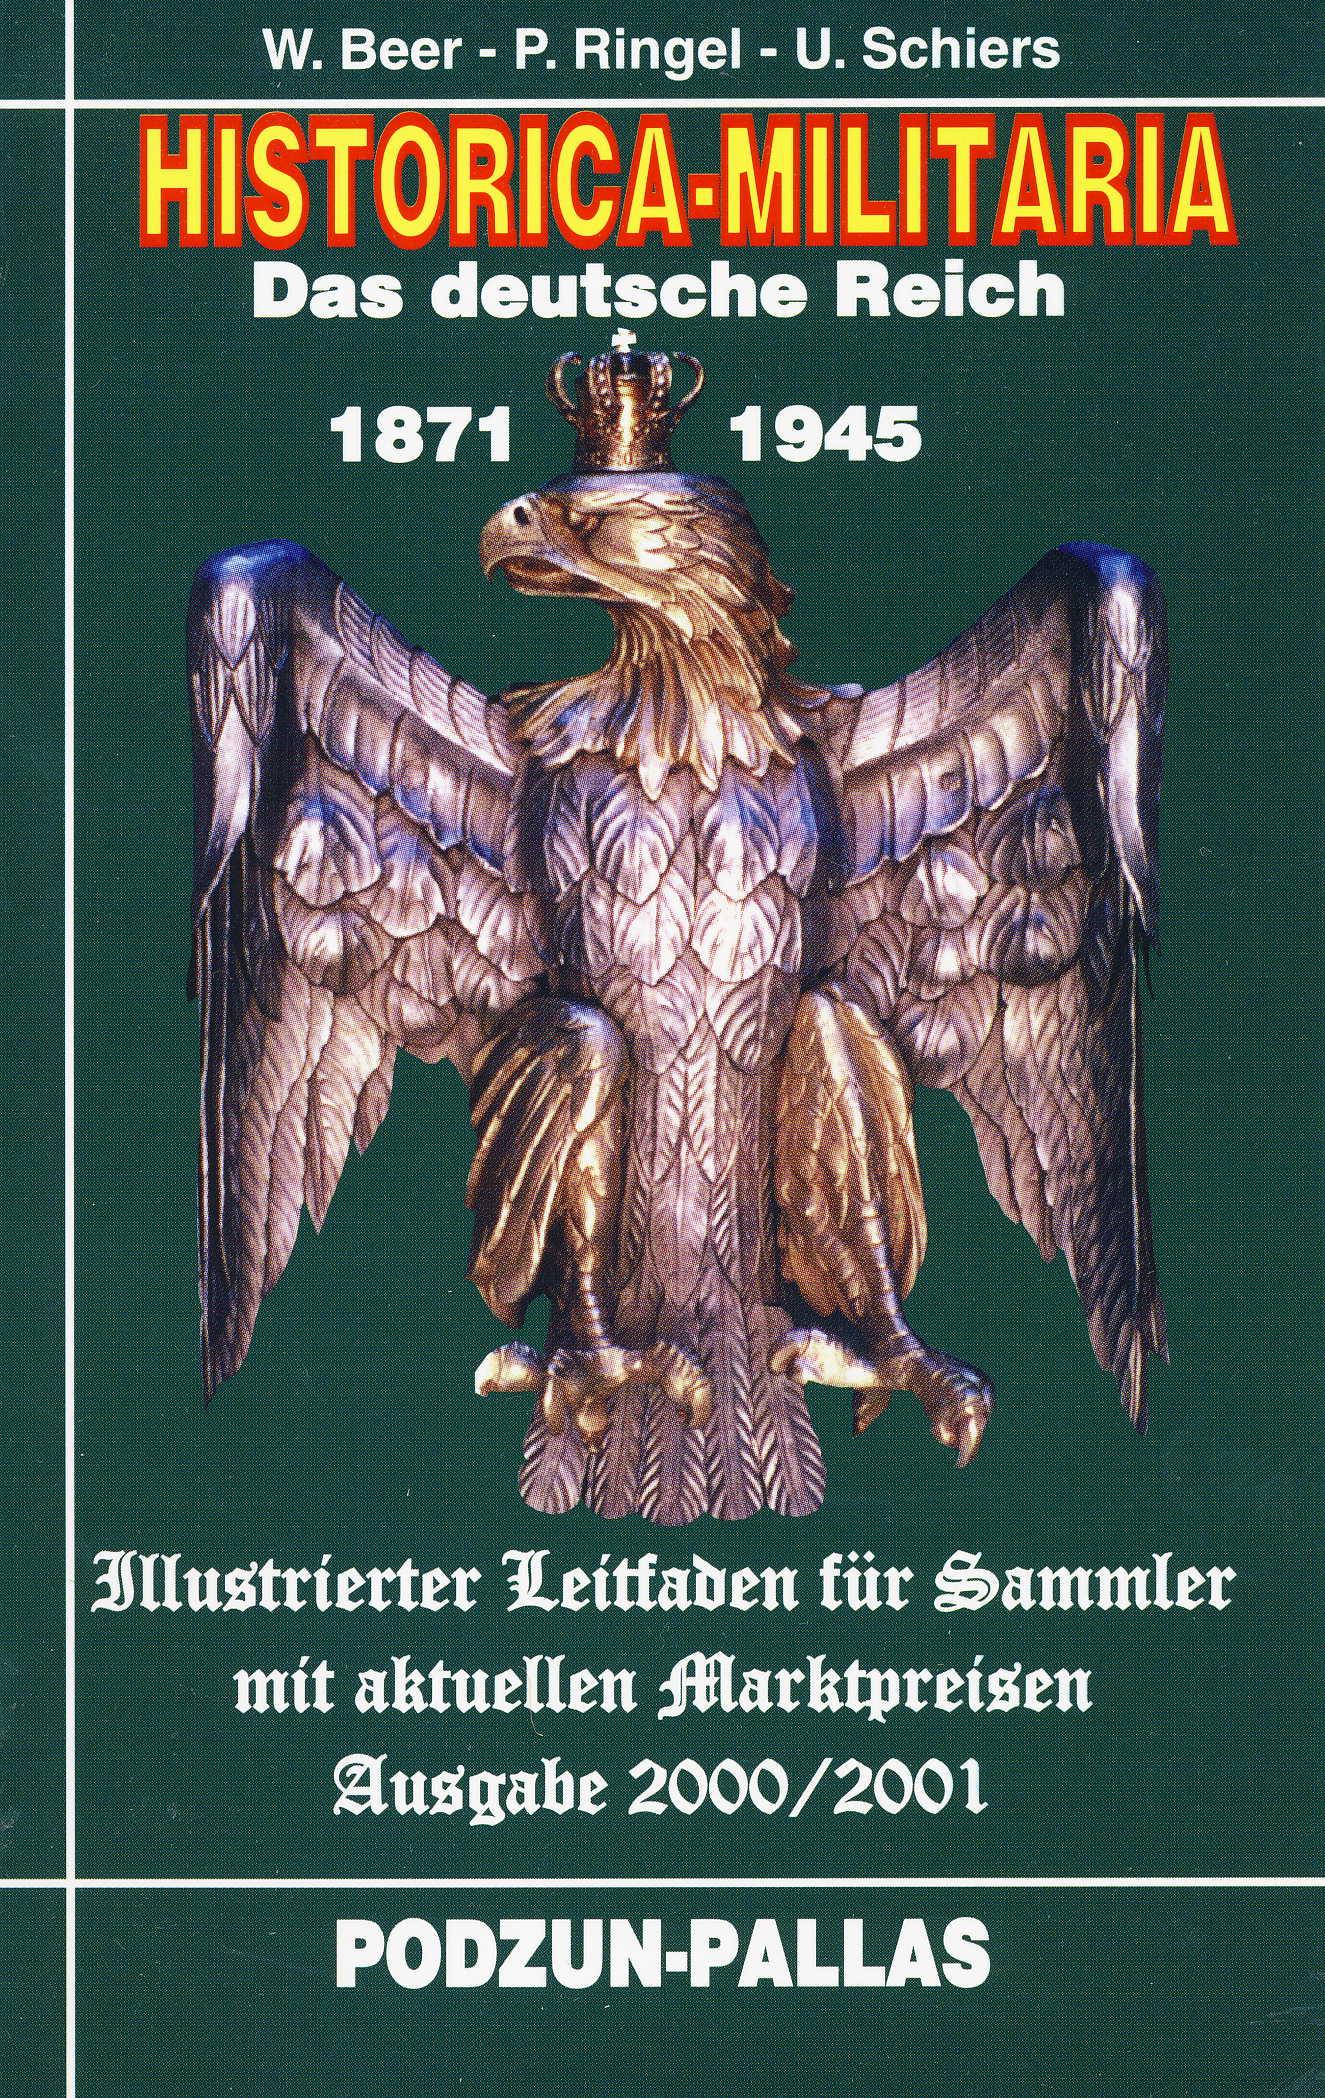 Beer-Ringel-Schiers HISTORICA-MILITARIA Das deutsche Reich 1871-